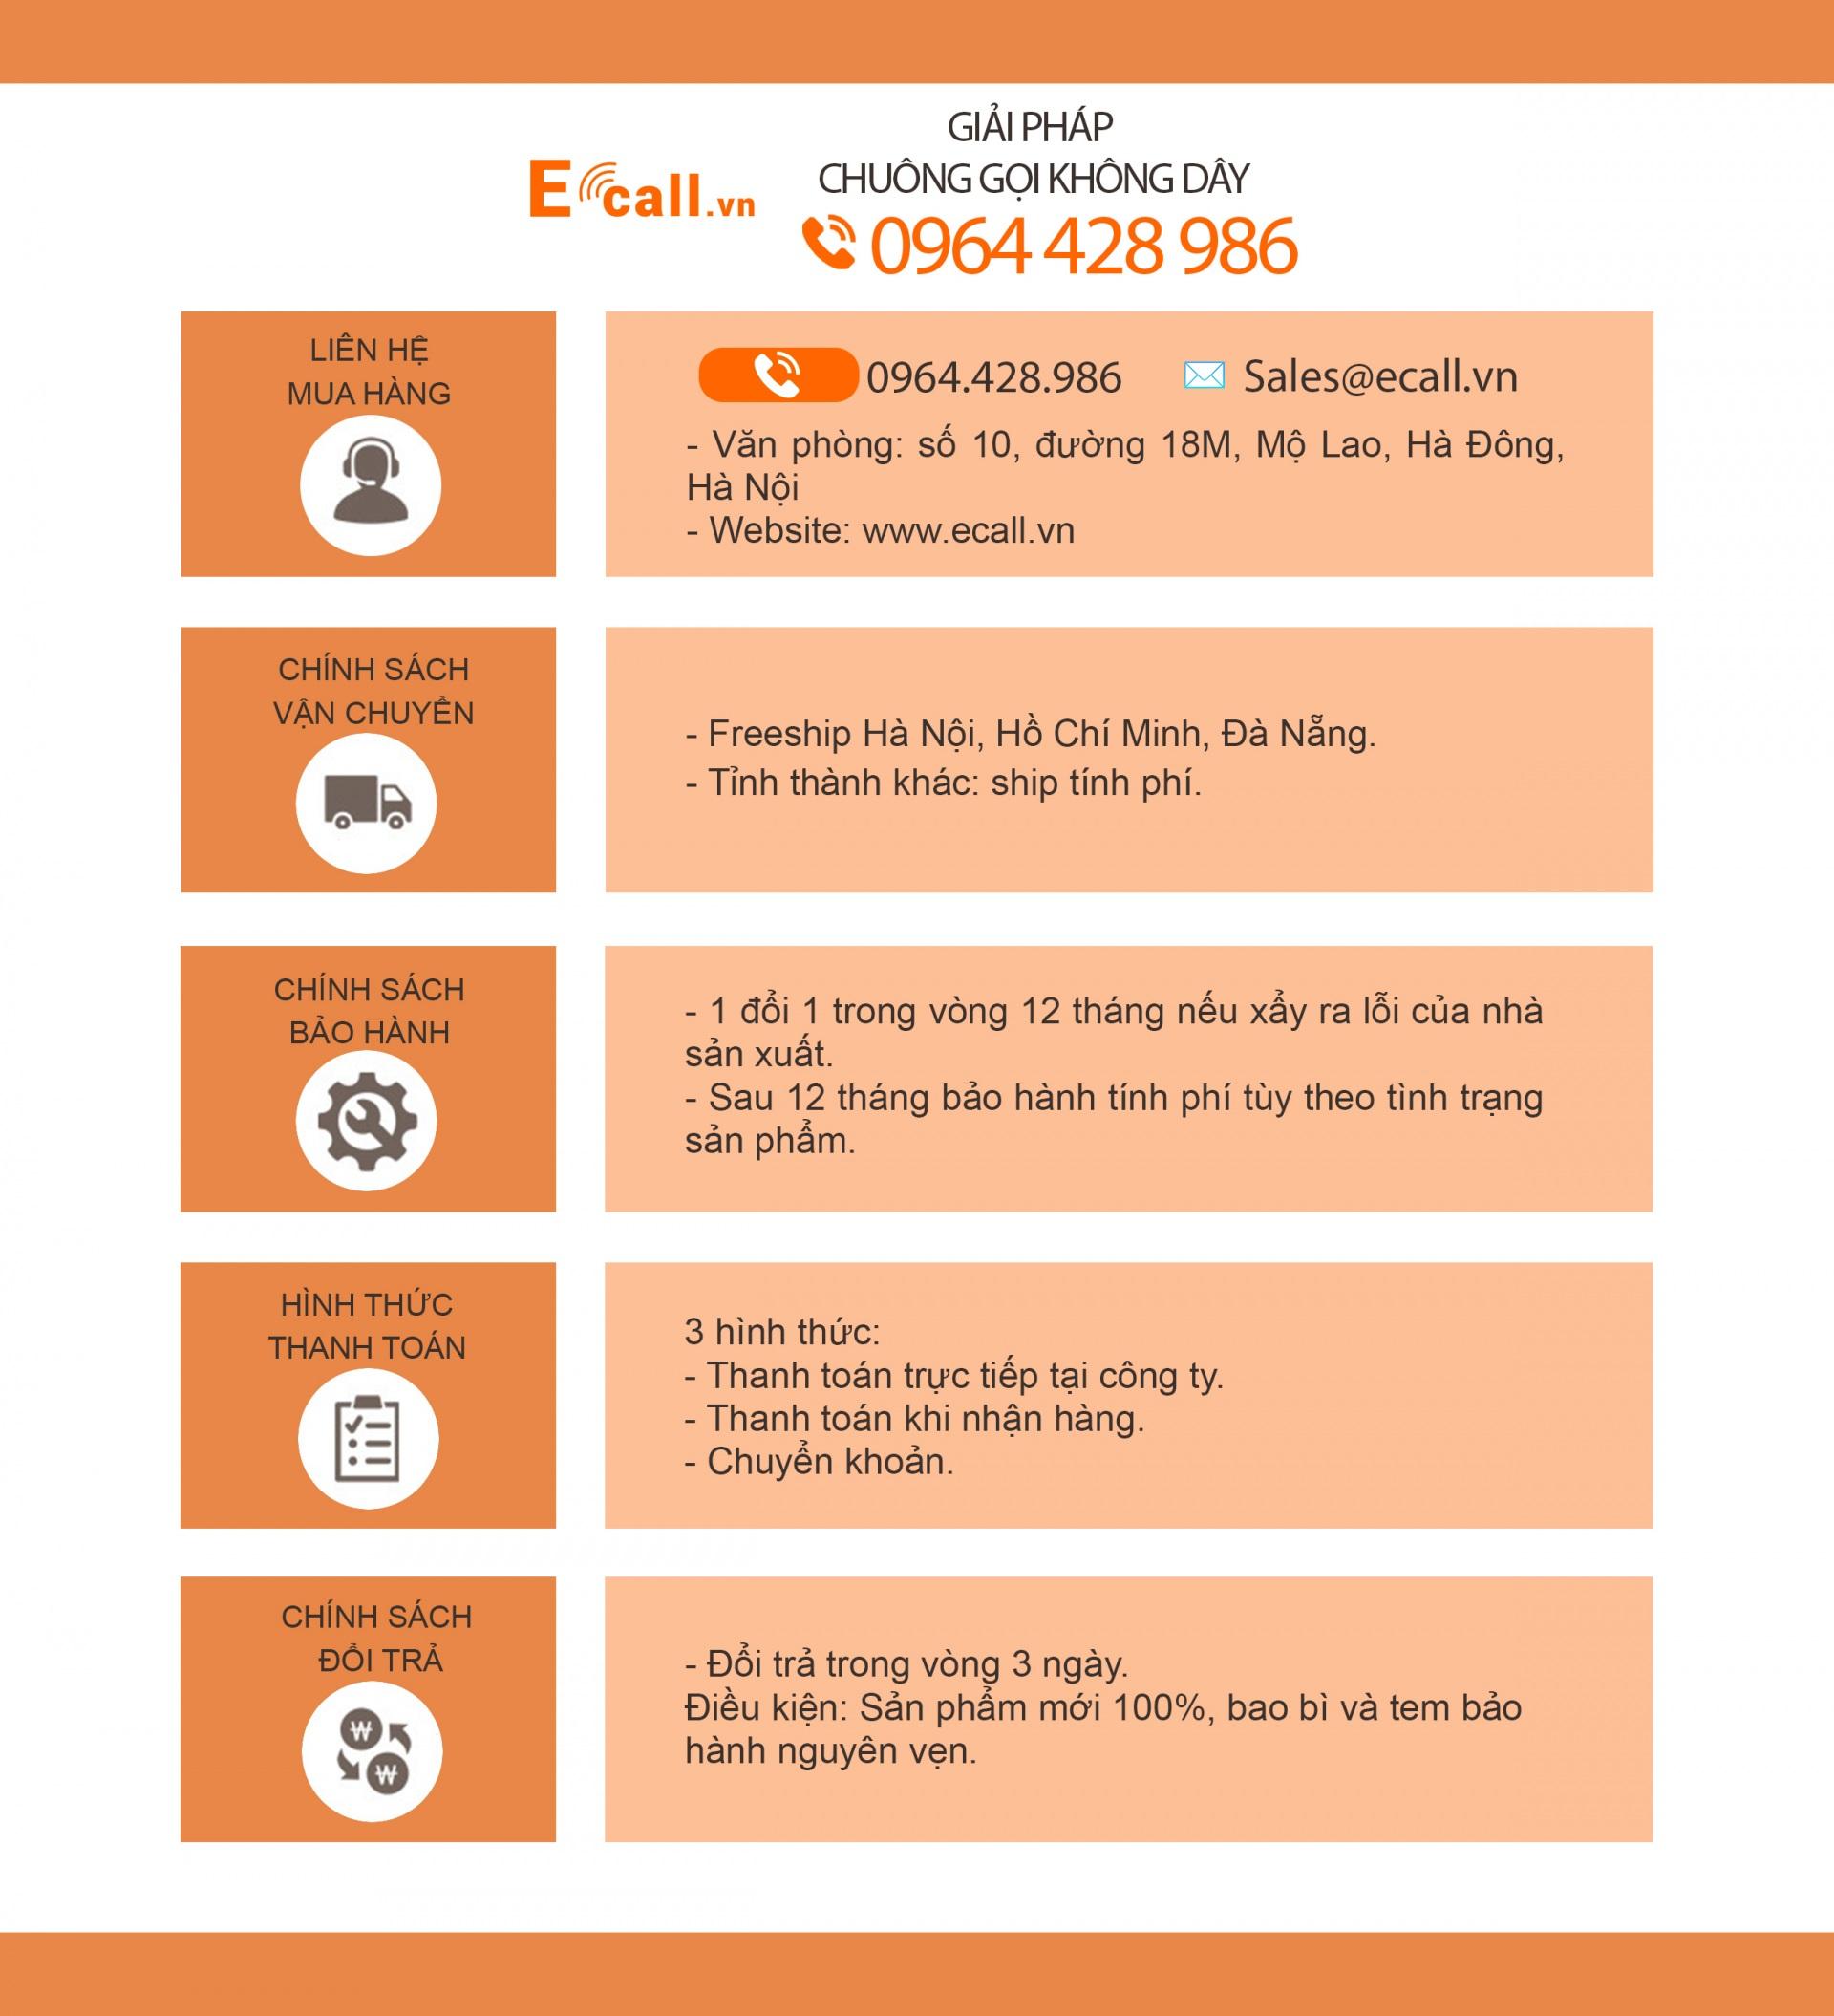 Thông tin và chính sách của Ecall